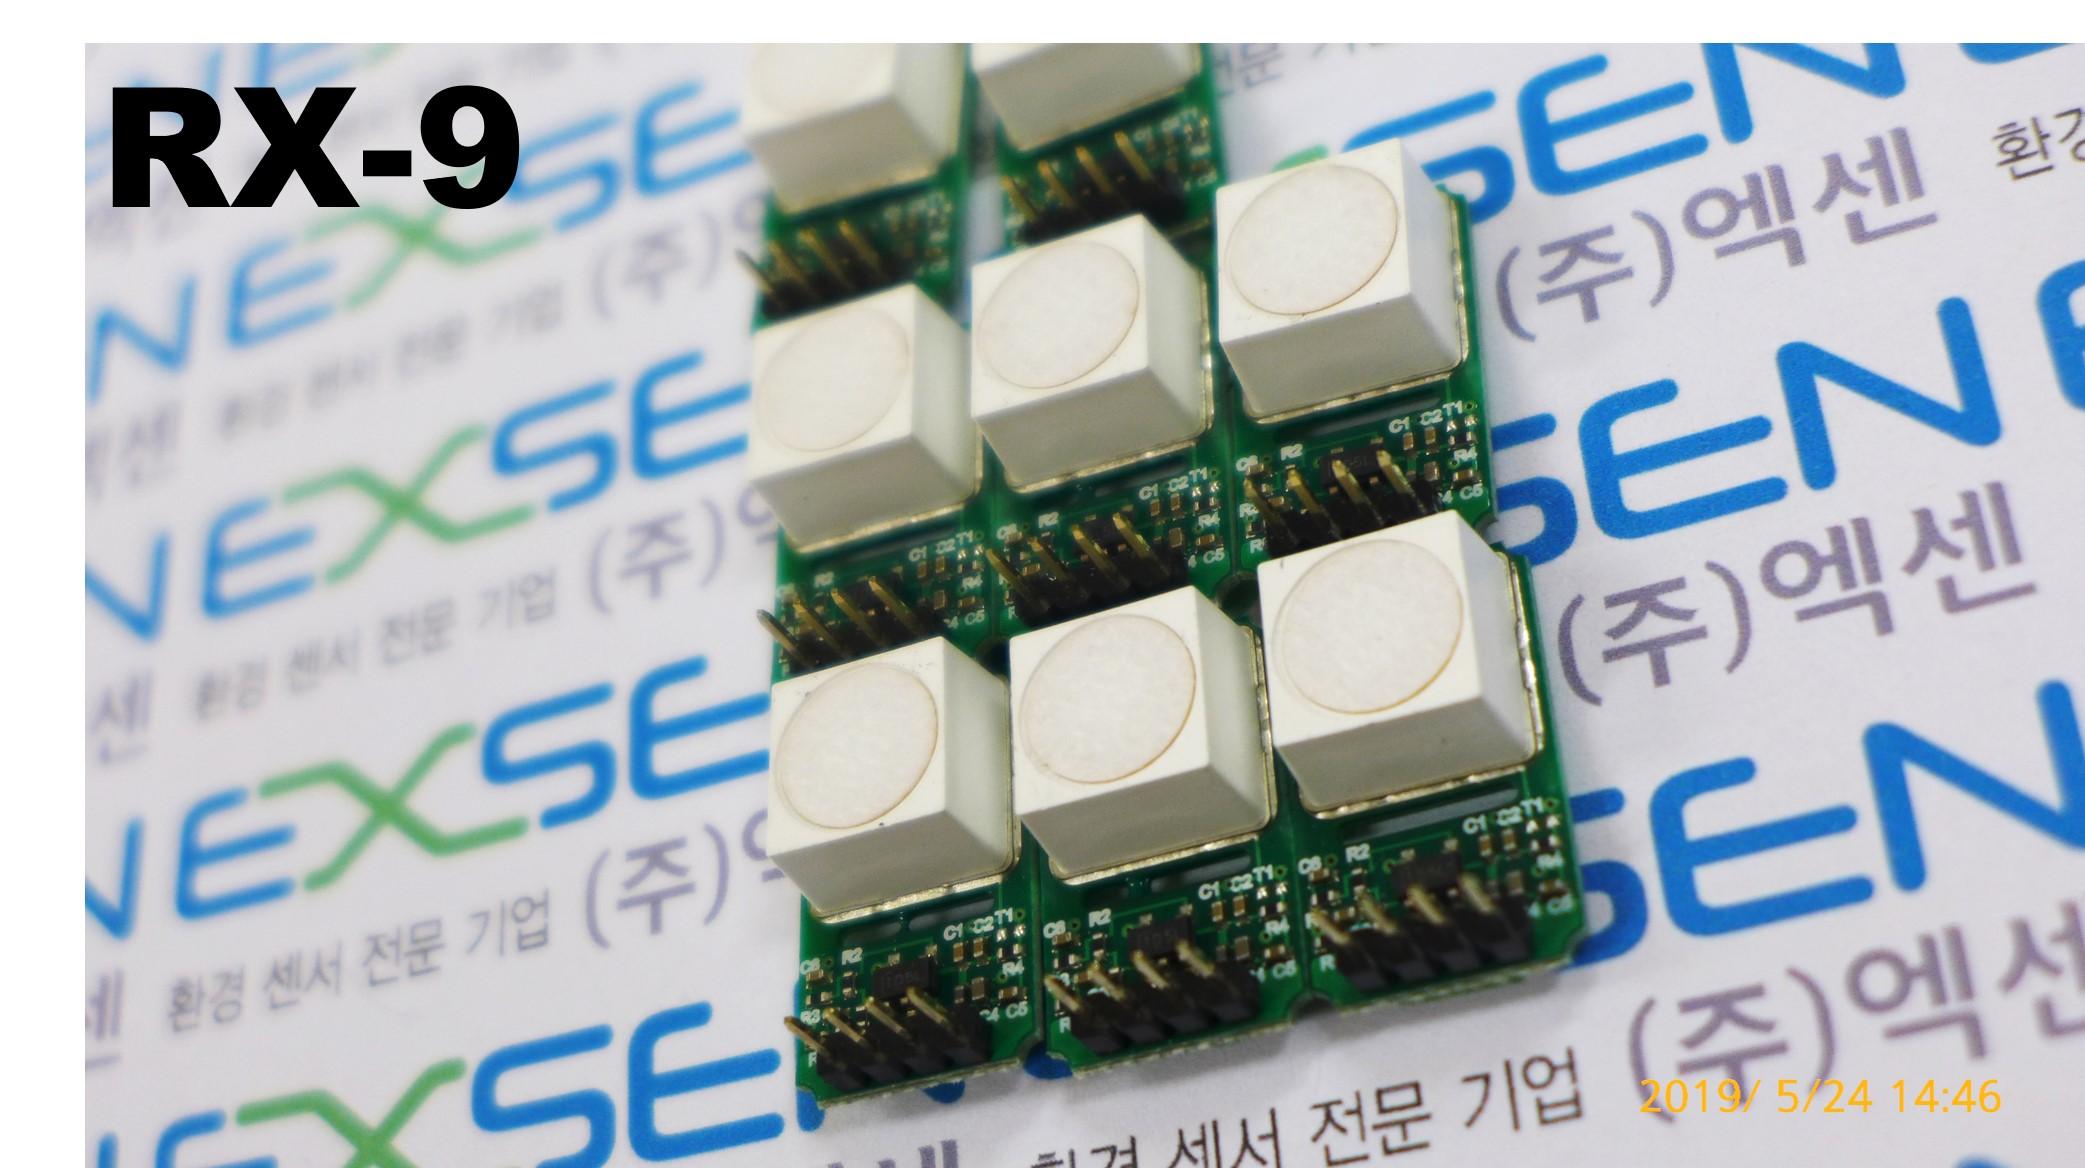 RX-9_003.jpg